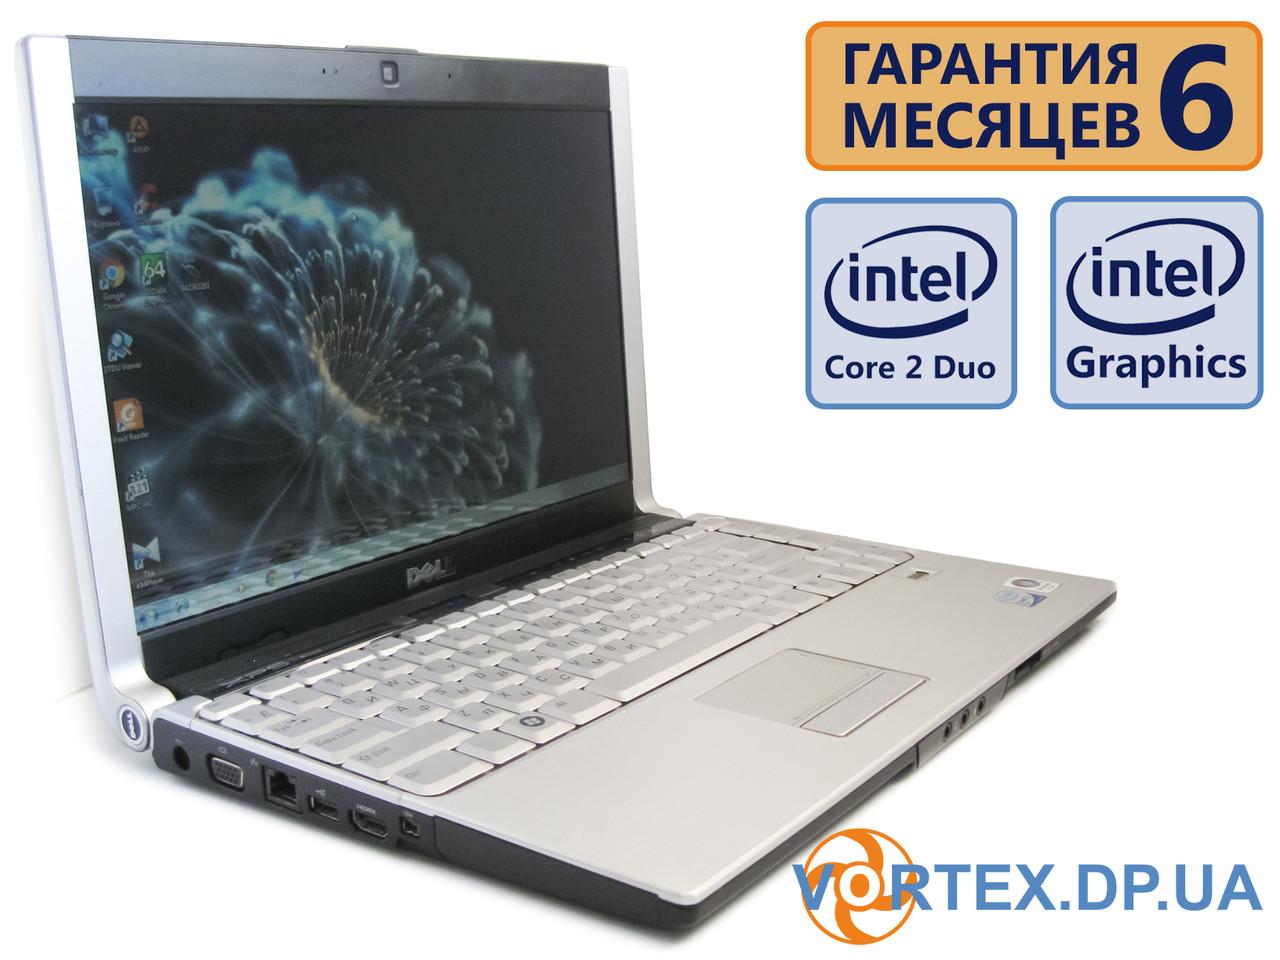 Ноутбук Dell XPS M1330 13.3 (1280x800) / Intel Core 2 Duo T5750 (2x2GH